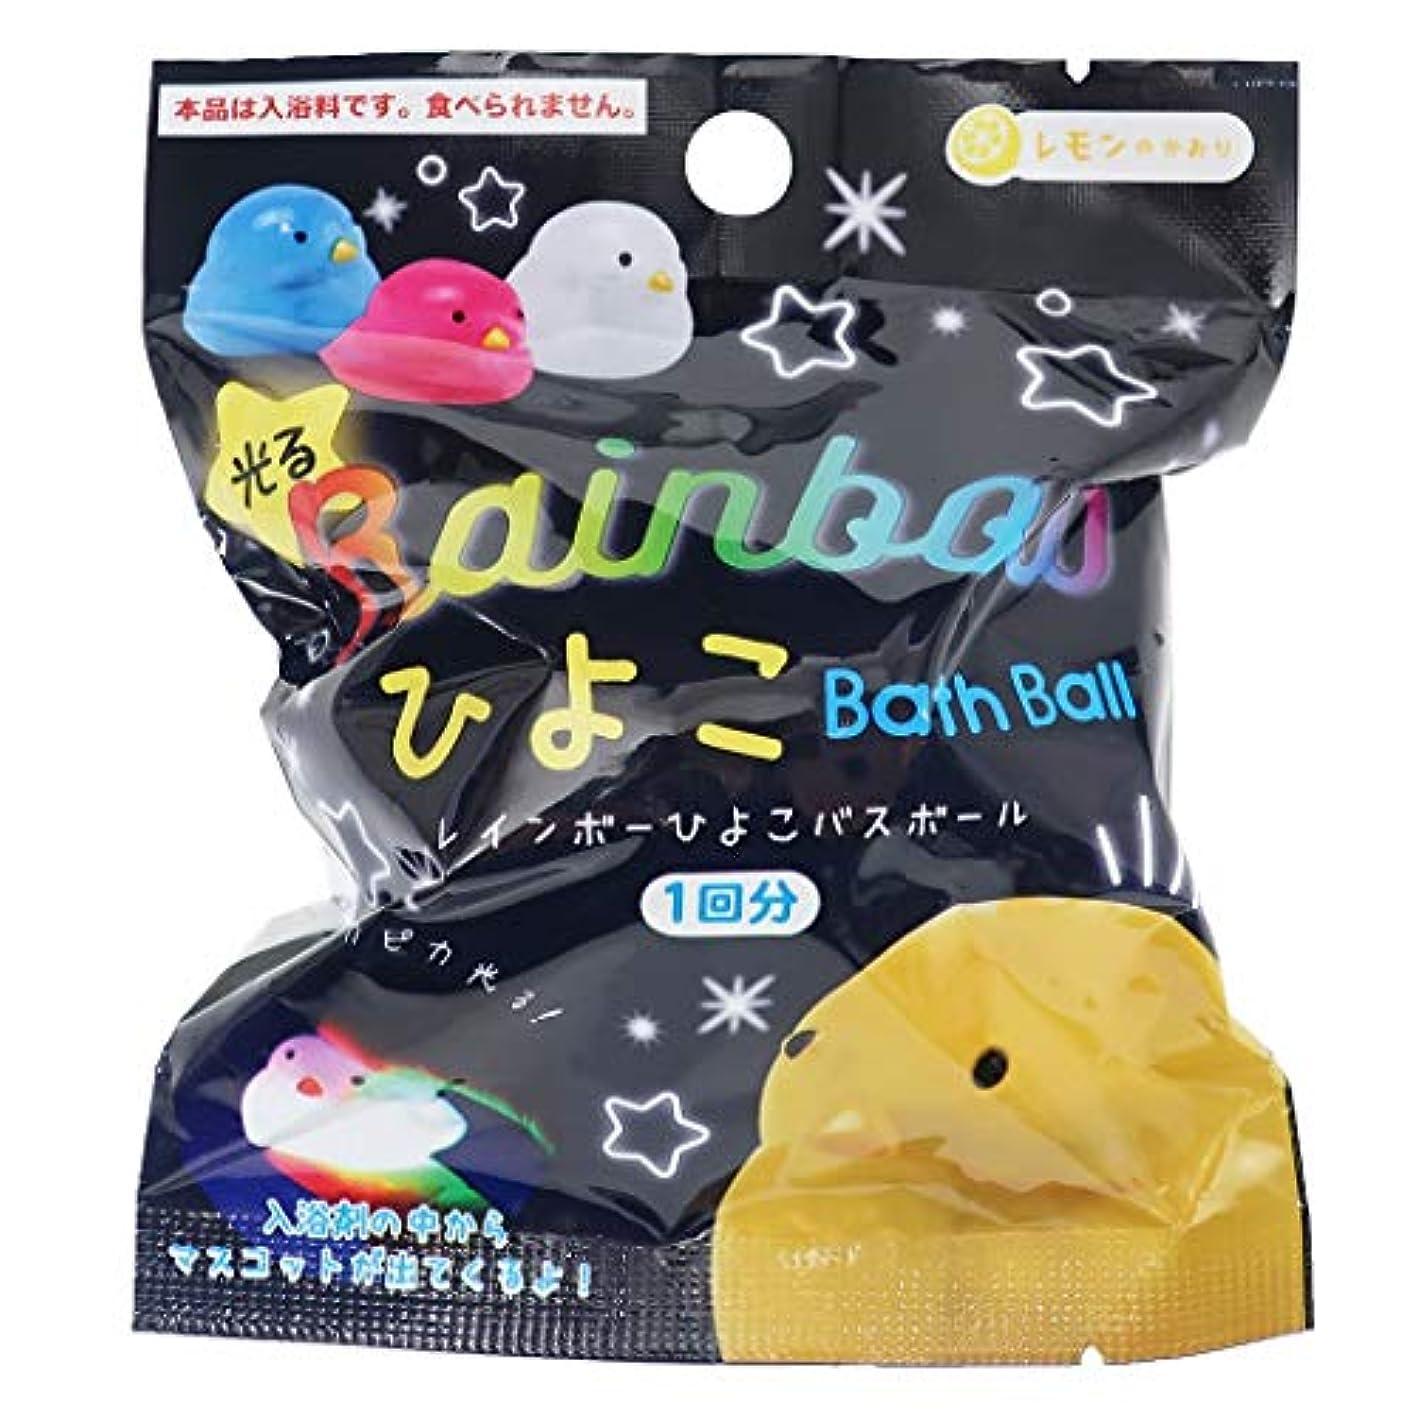 物足りないイノセンス床を掃除するサンタン 光るレインボーひよこバスボール 入浴剤 レモンの香り 1個(80g)